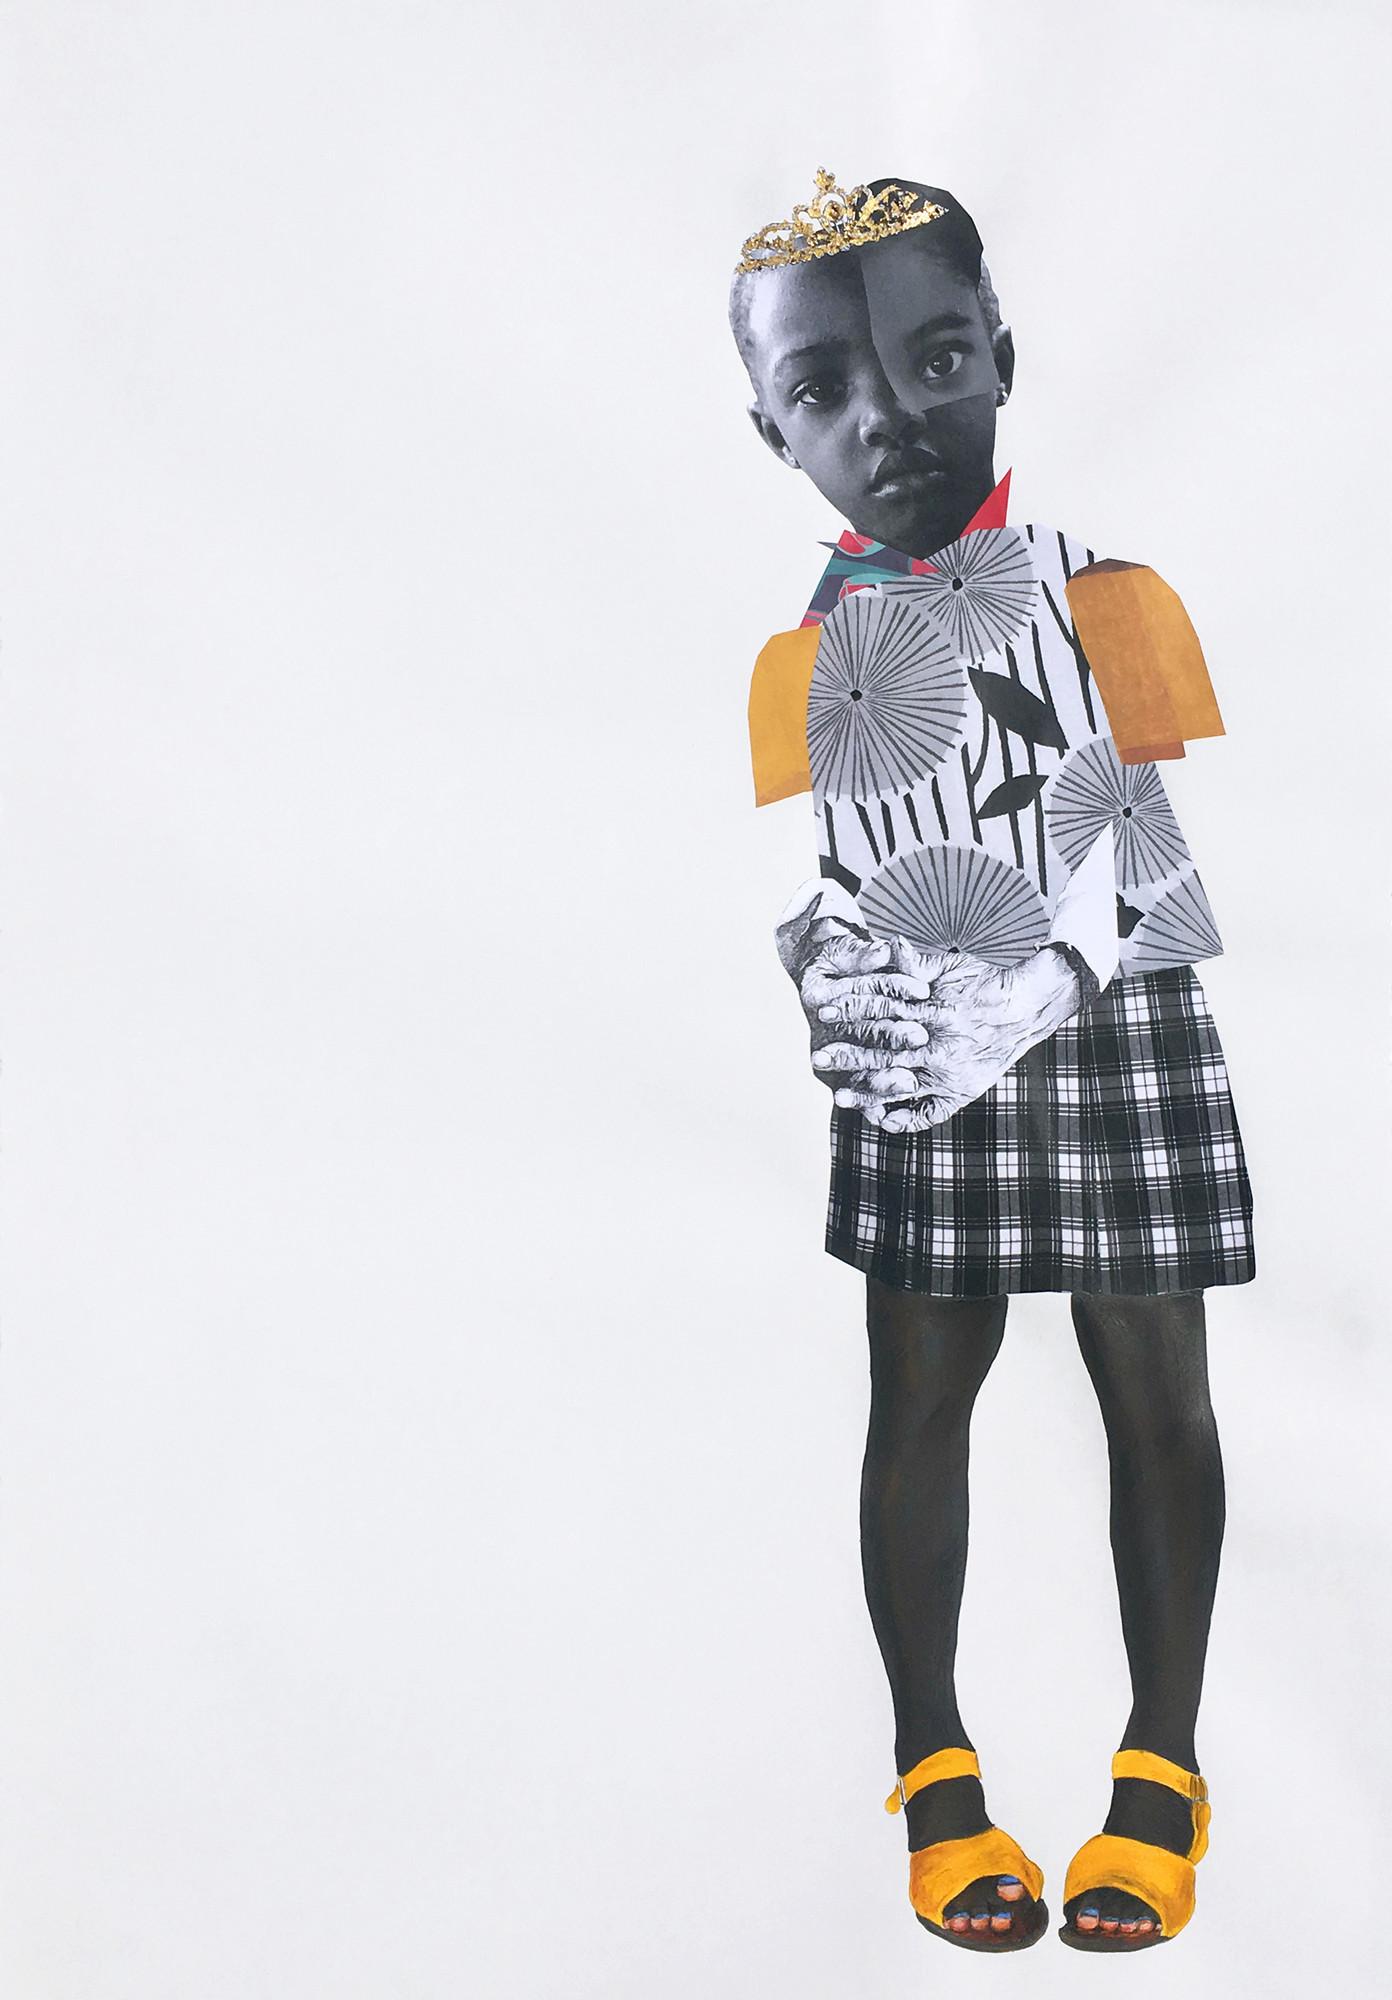 Roberts' powerfulstatement of black female identity - BY Sharon Mizota LA TIMES May 29, 2018